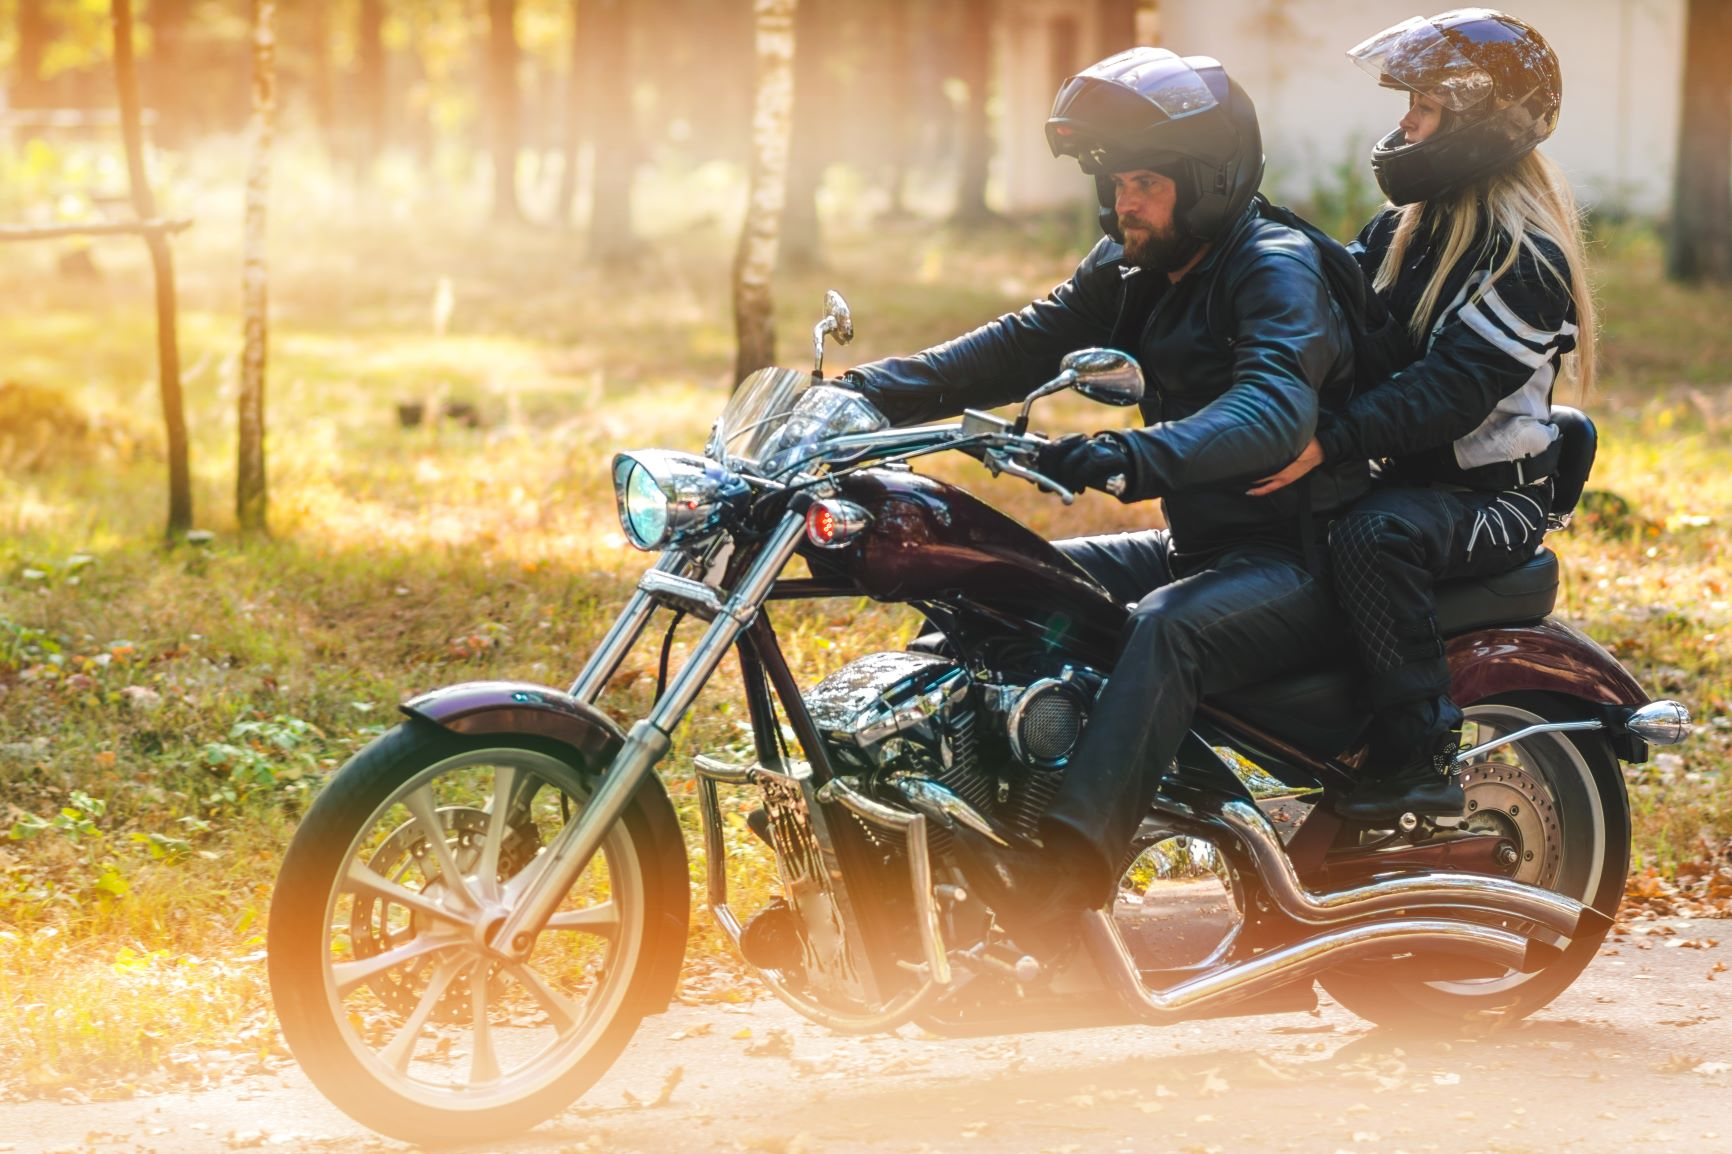 Pärchen am Motorrad